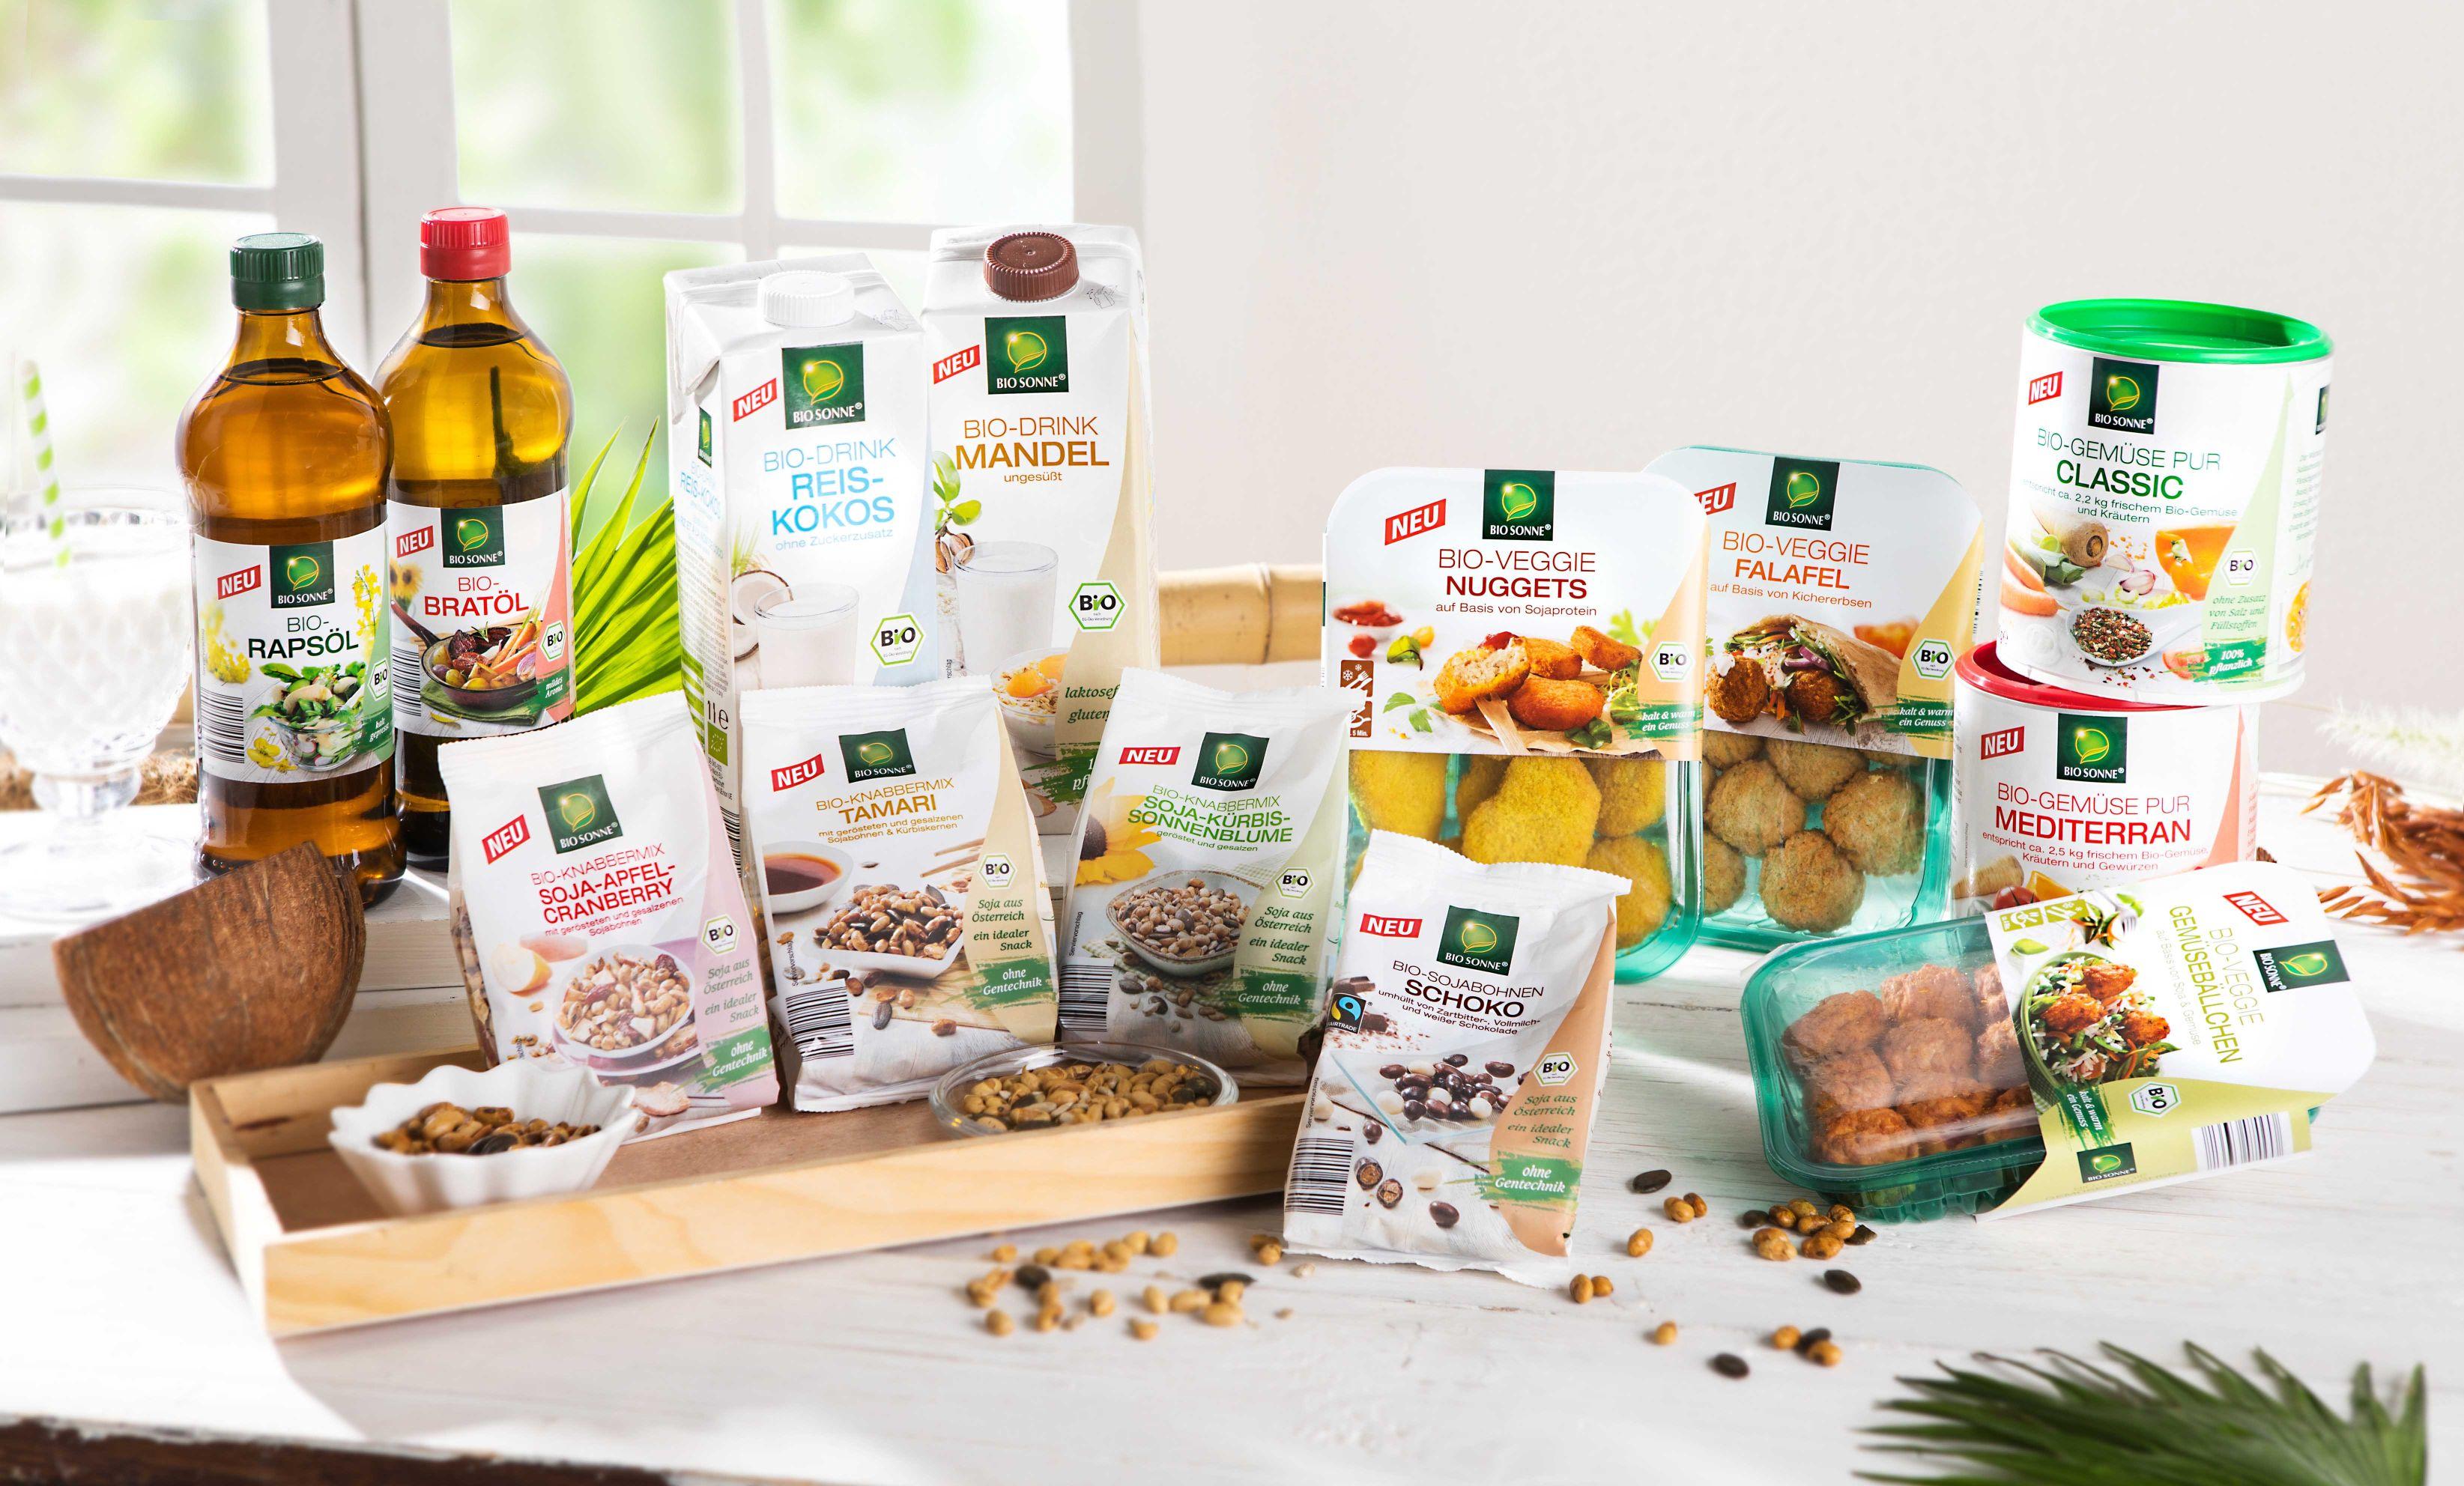 """Gesund in großer Auswahl, innovativ und immer bester Bio-Qualität. Der bundesweite Discounter kündigt im Vorfeld der Weltleitmesse für Bio-Produkte, der BIOFACH in Nürnberg, eine Reihe innovativer Bio-Lebensmittel an. Unter der bekannten NORMA-Marke BIO SONNE werden zum Beispiel Drinks in den Sorten Reis-Kokos und Mandel mit 6,5 Prozent-Mandelanteil (vegan/laktose- und glutenfrei) oder verschiedene Veggie-Spezialitäten als frische Bio-Fleischalternativen eingeführt. Weiterer Text über ots und www.presseportal.de/nr/62097 / Die Verwendung dieses Bildes ist für redaktionelle Zwecke honorarfrei. Veröffentlichung bitte unter Quellenangabe: """"obs/NORMA"""""""